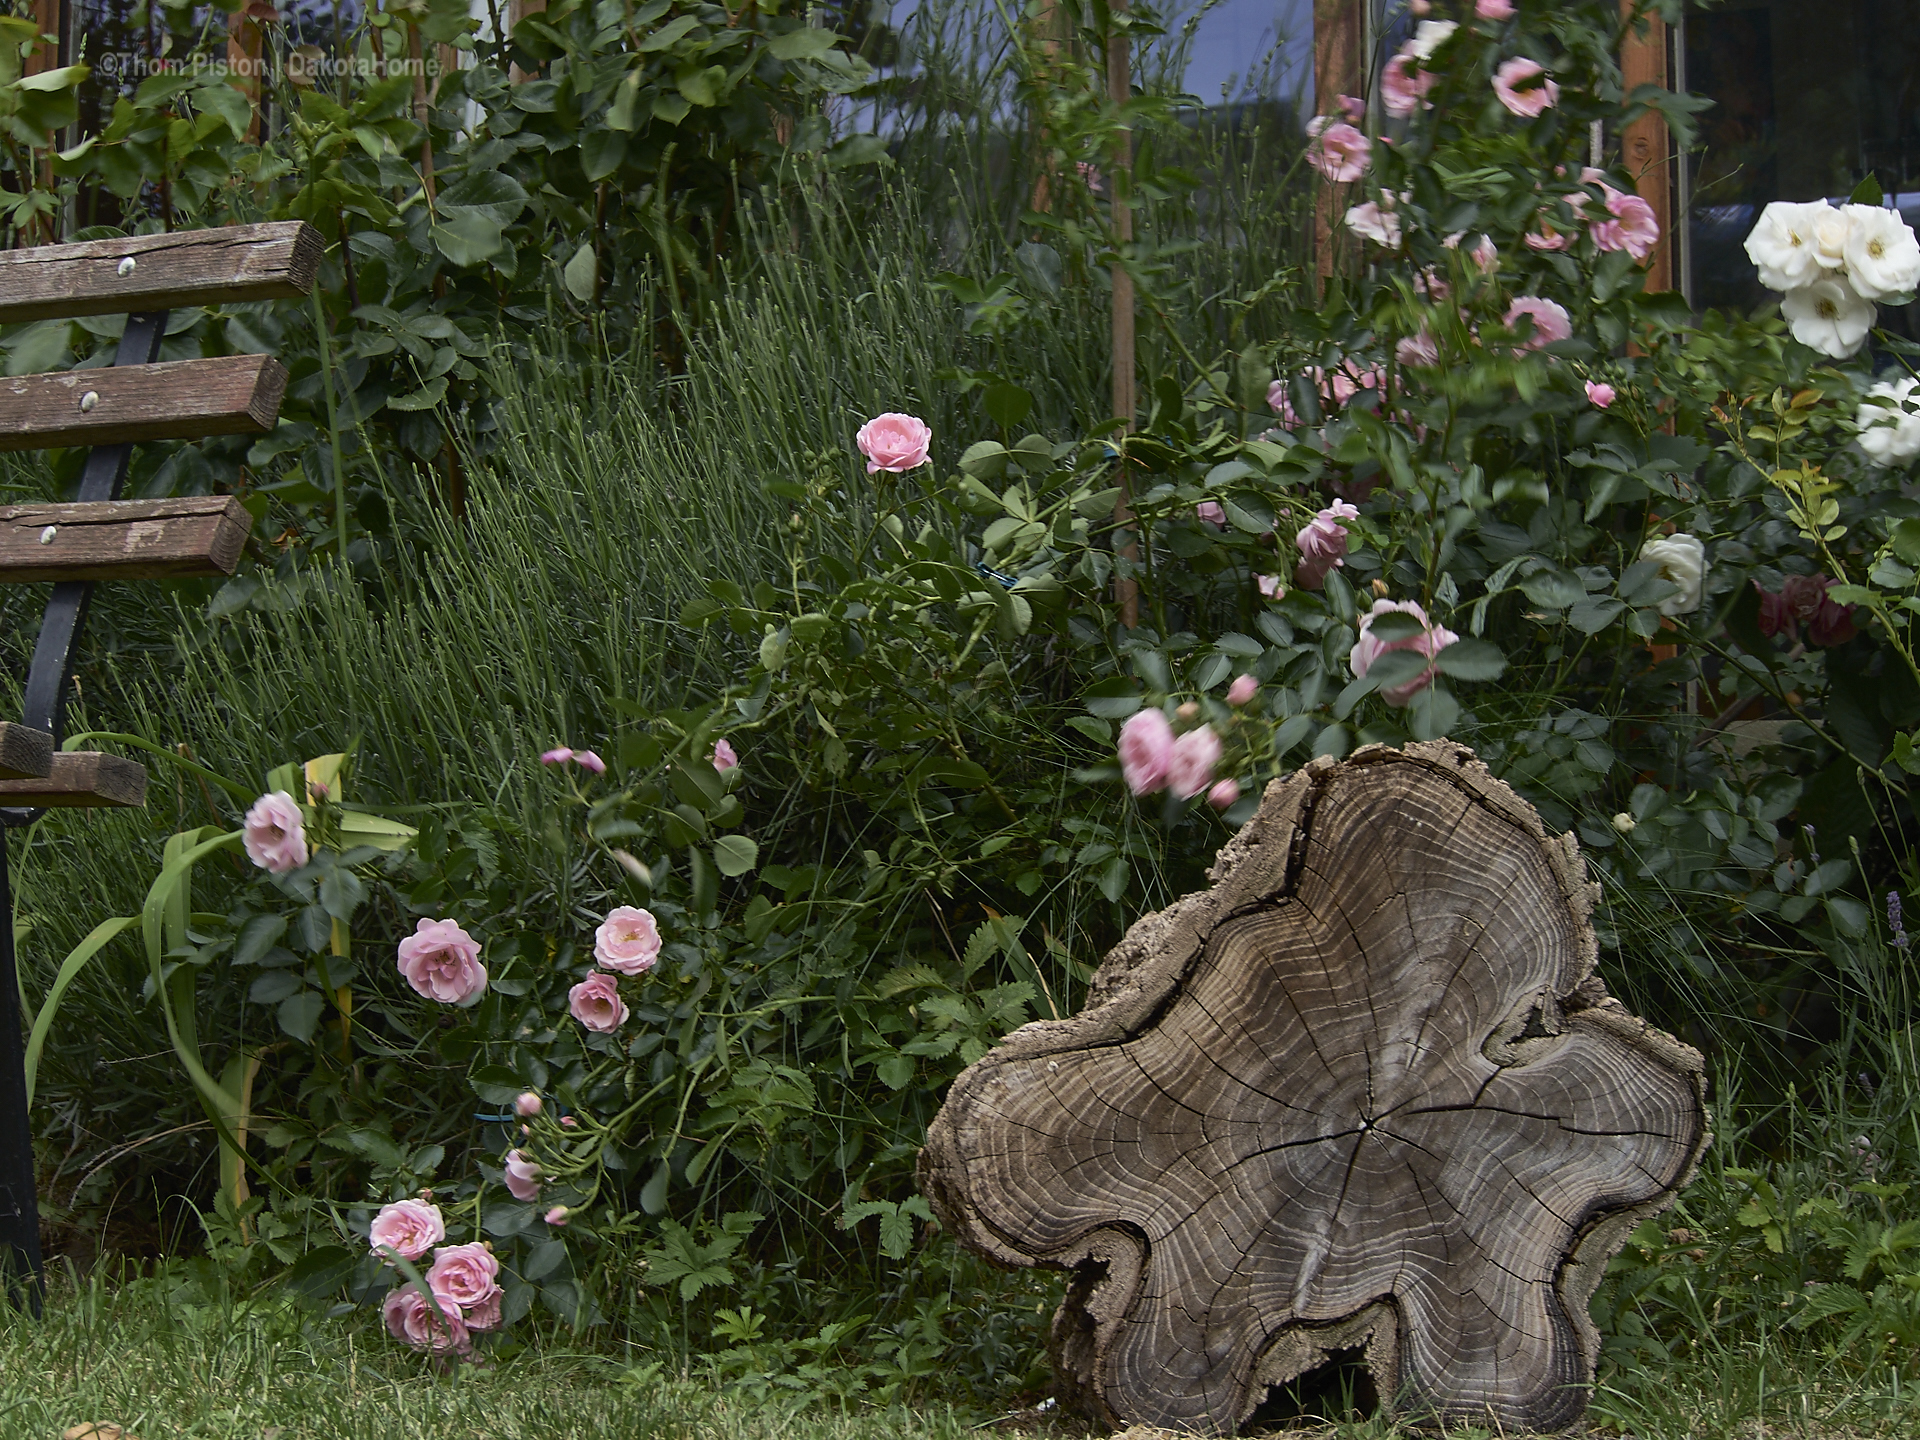 Dakota Home - unsere geliebten Rosen geben alles..